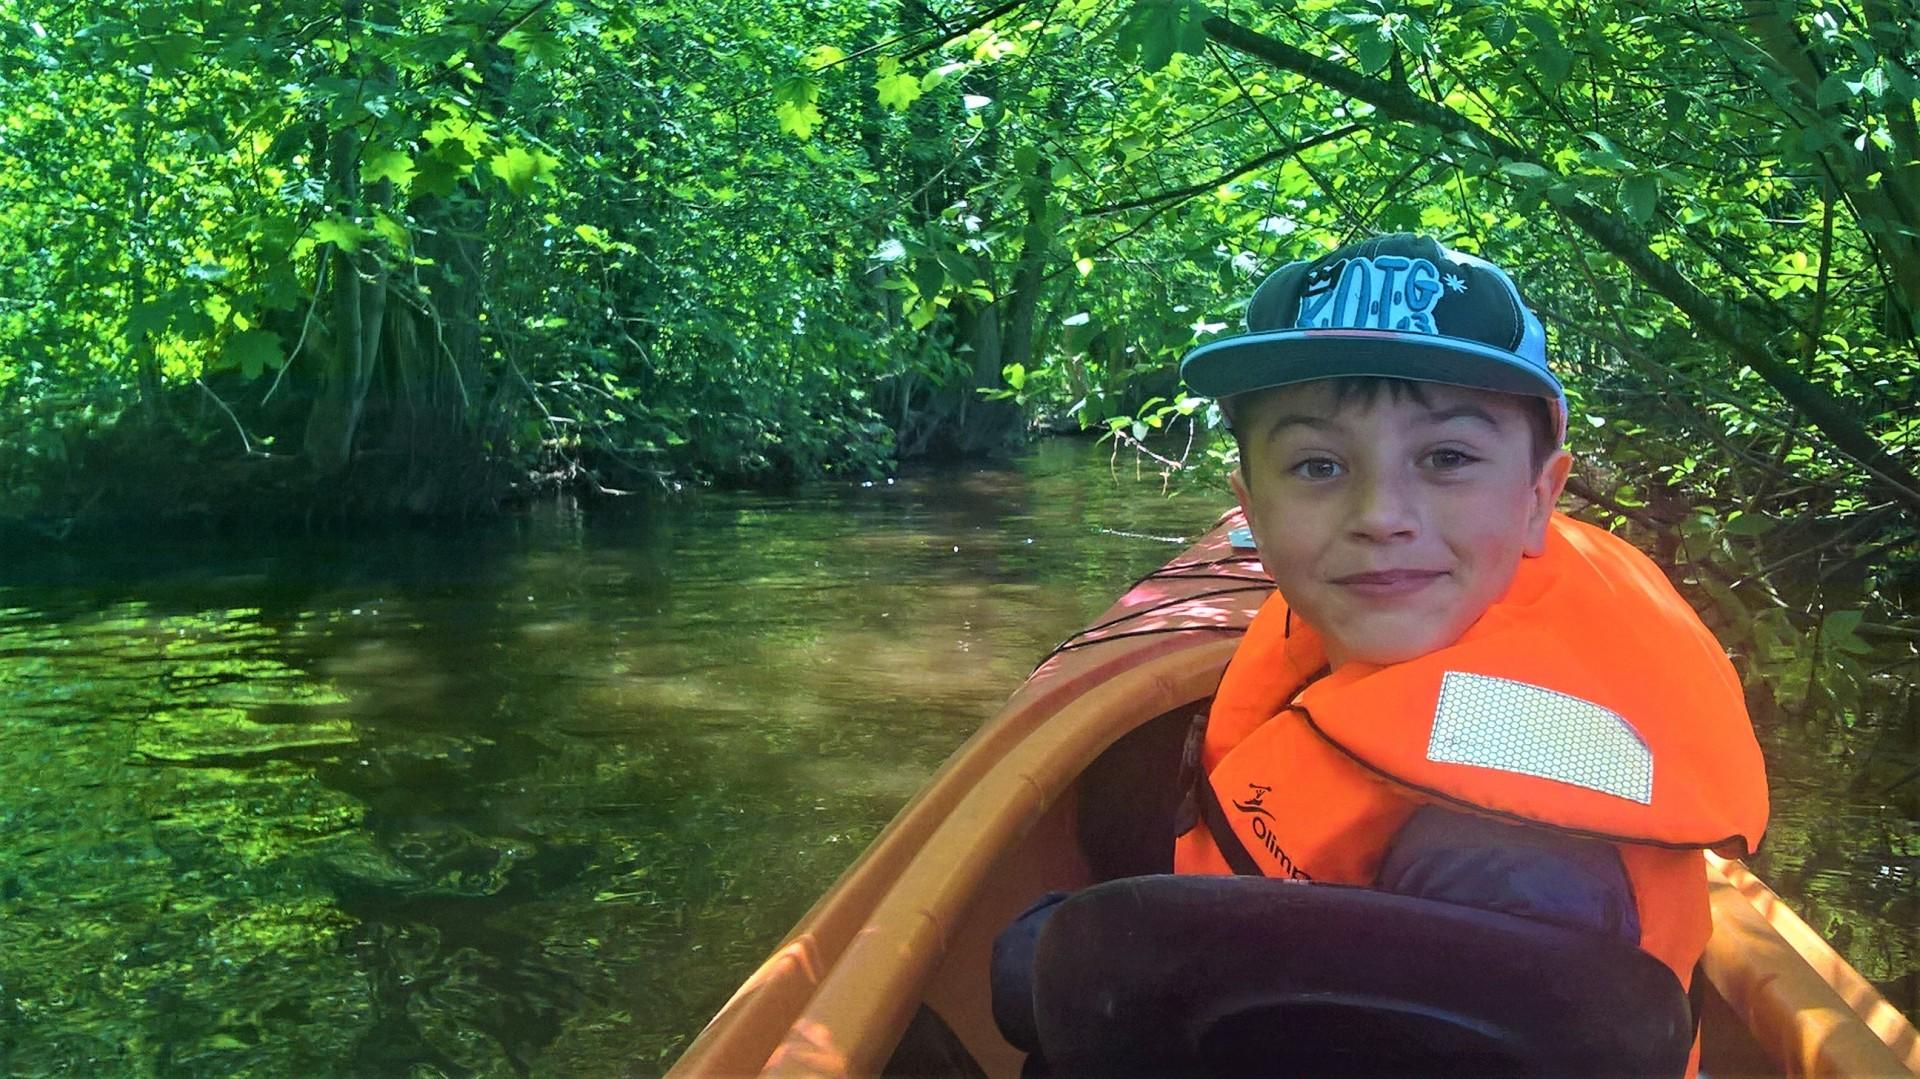 Spływ kajakowy Hydroaktywni 2018. Spłynęliśmy z klimatem  [FOTORELACJA, FILM] 15